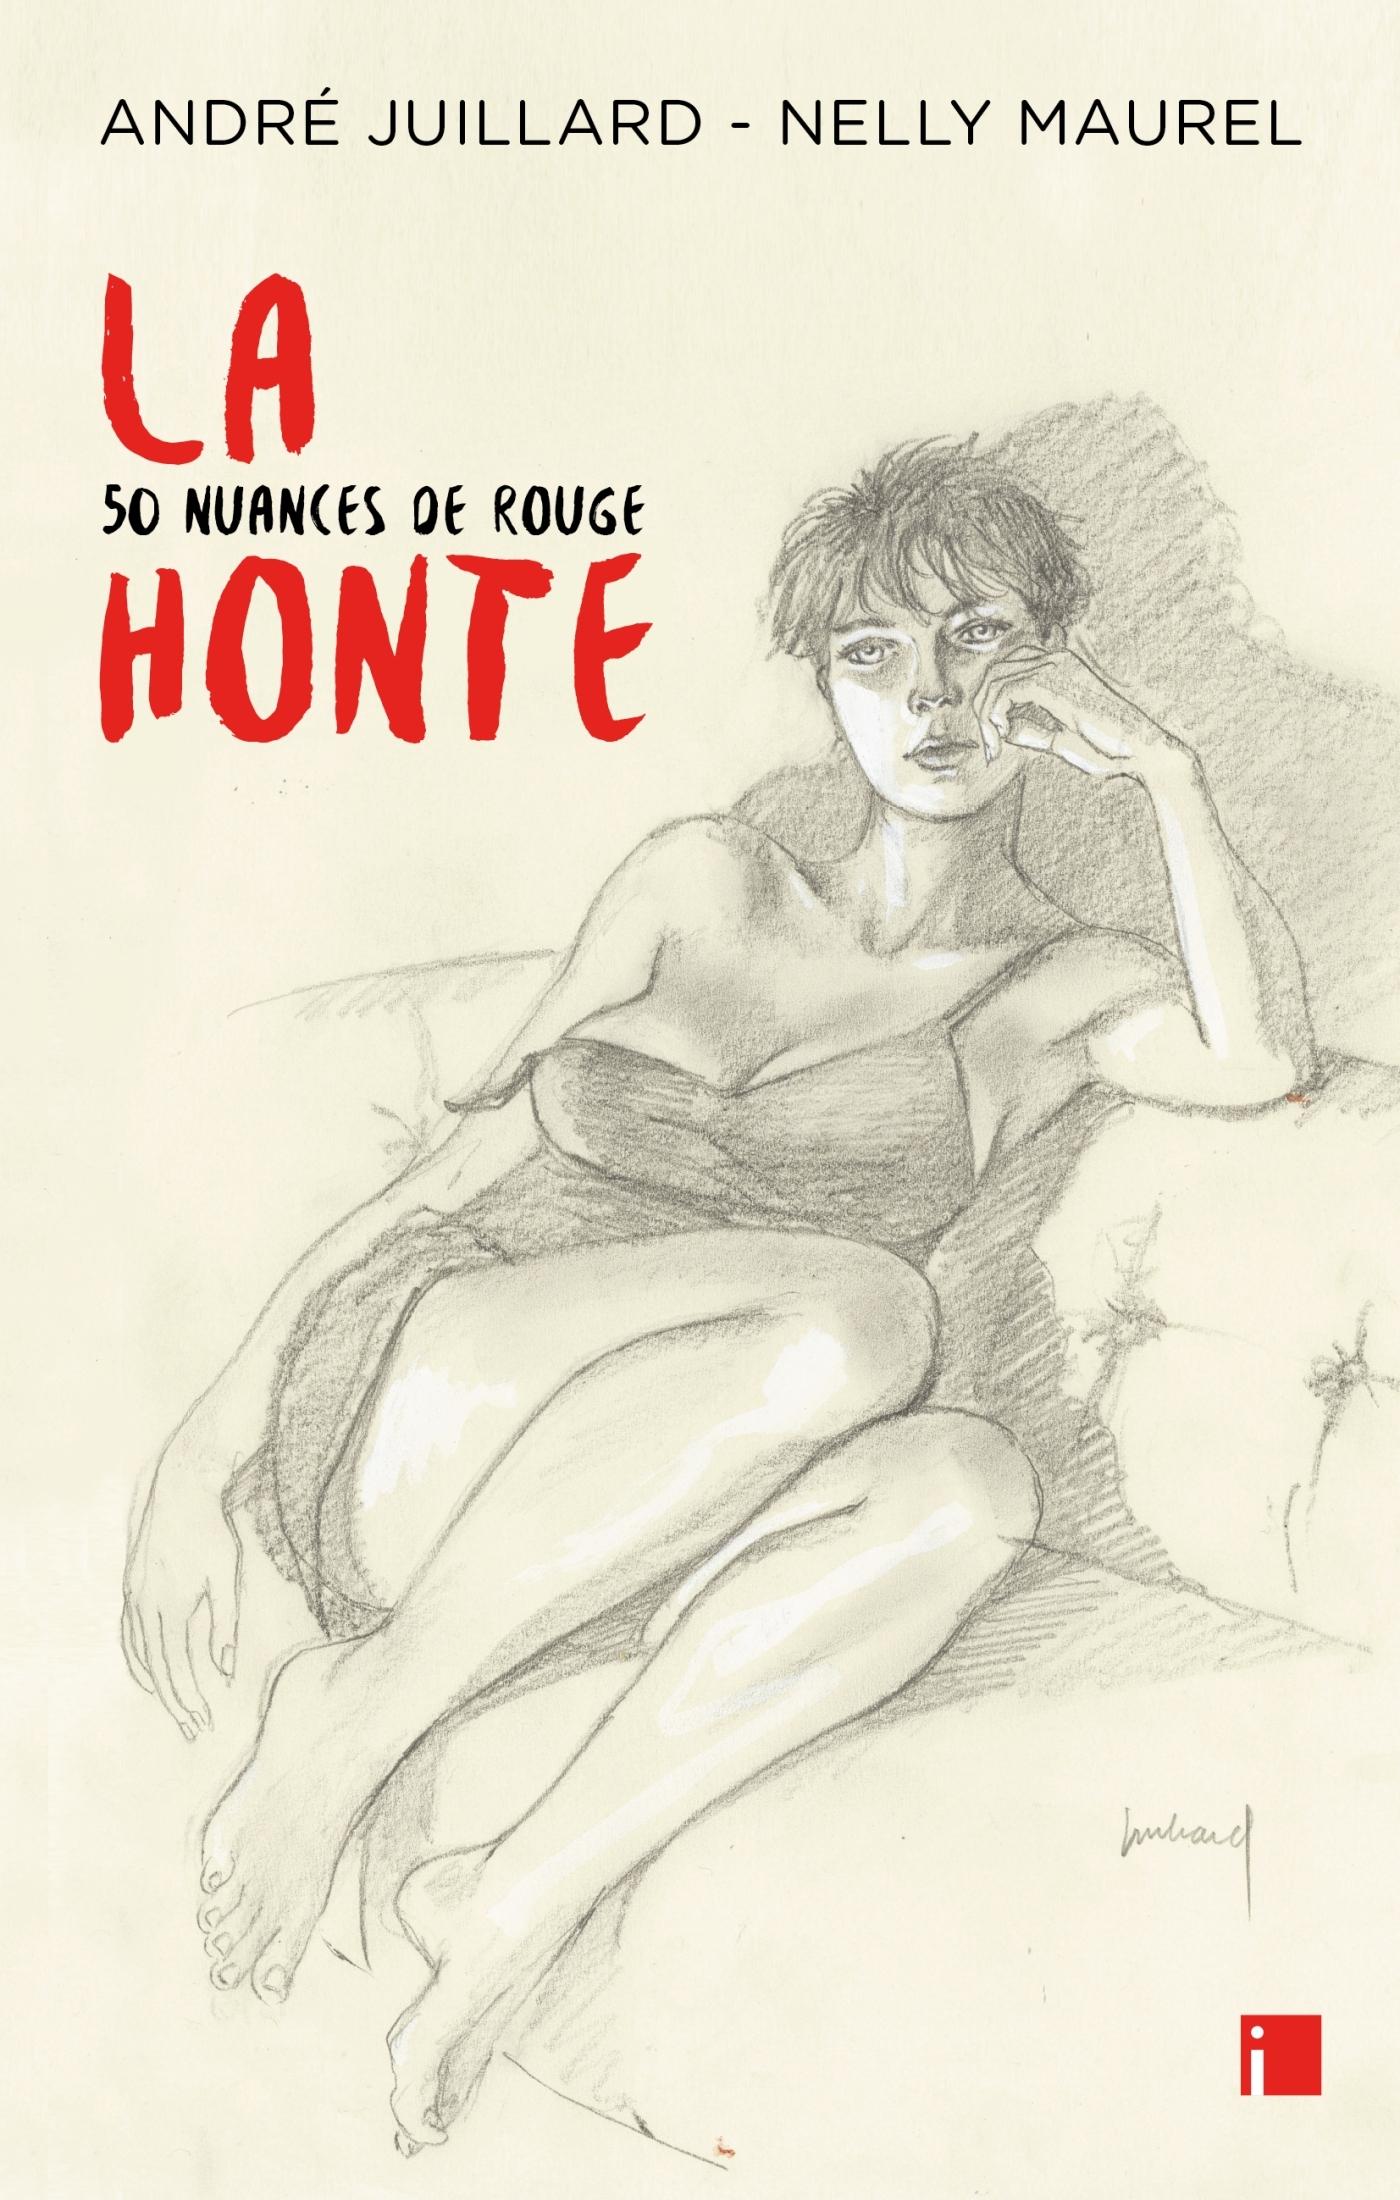 LA HONTE - 50 NUANCES DE ROUGE